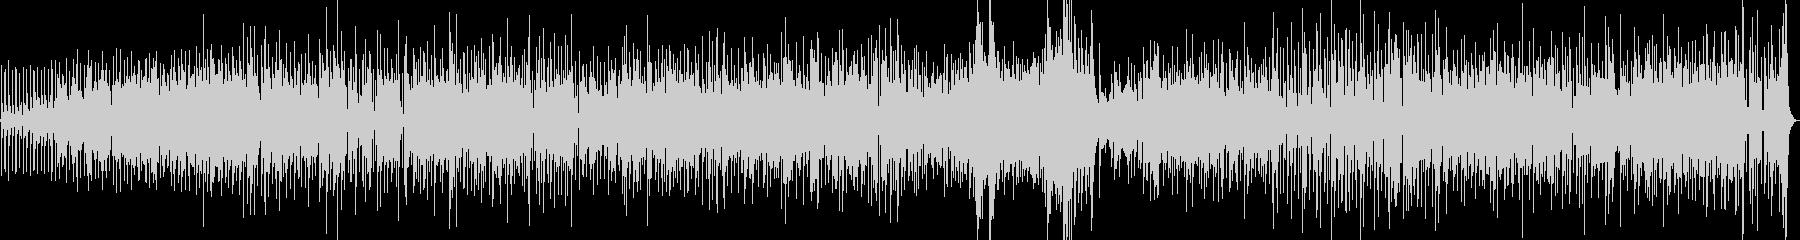 流れるようなジャズサンバのフィーリ...の未再生の波形